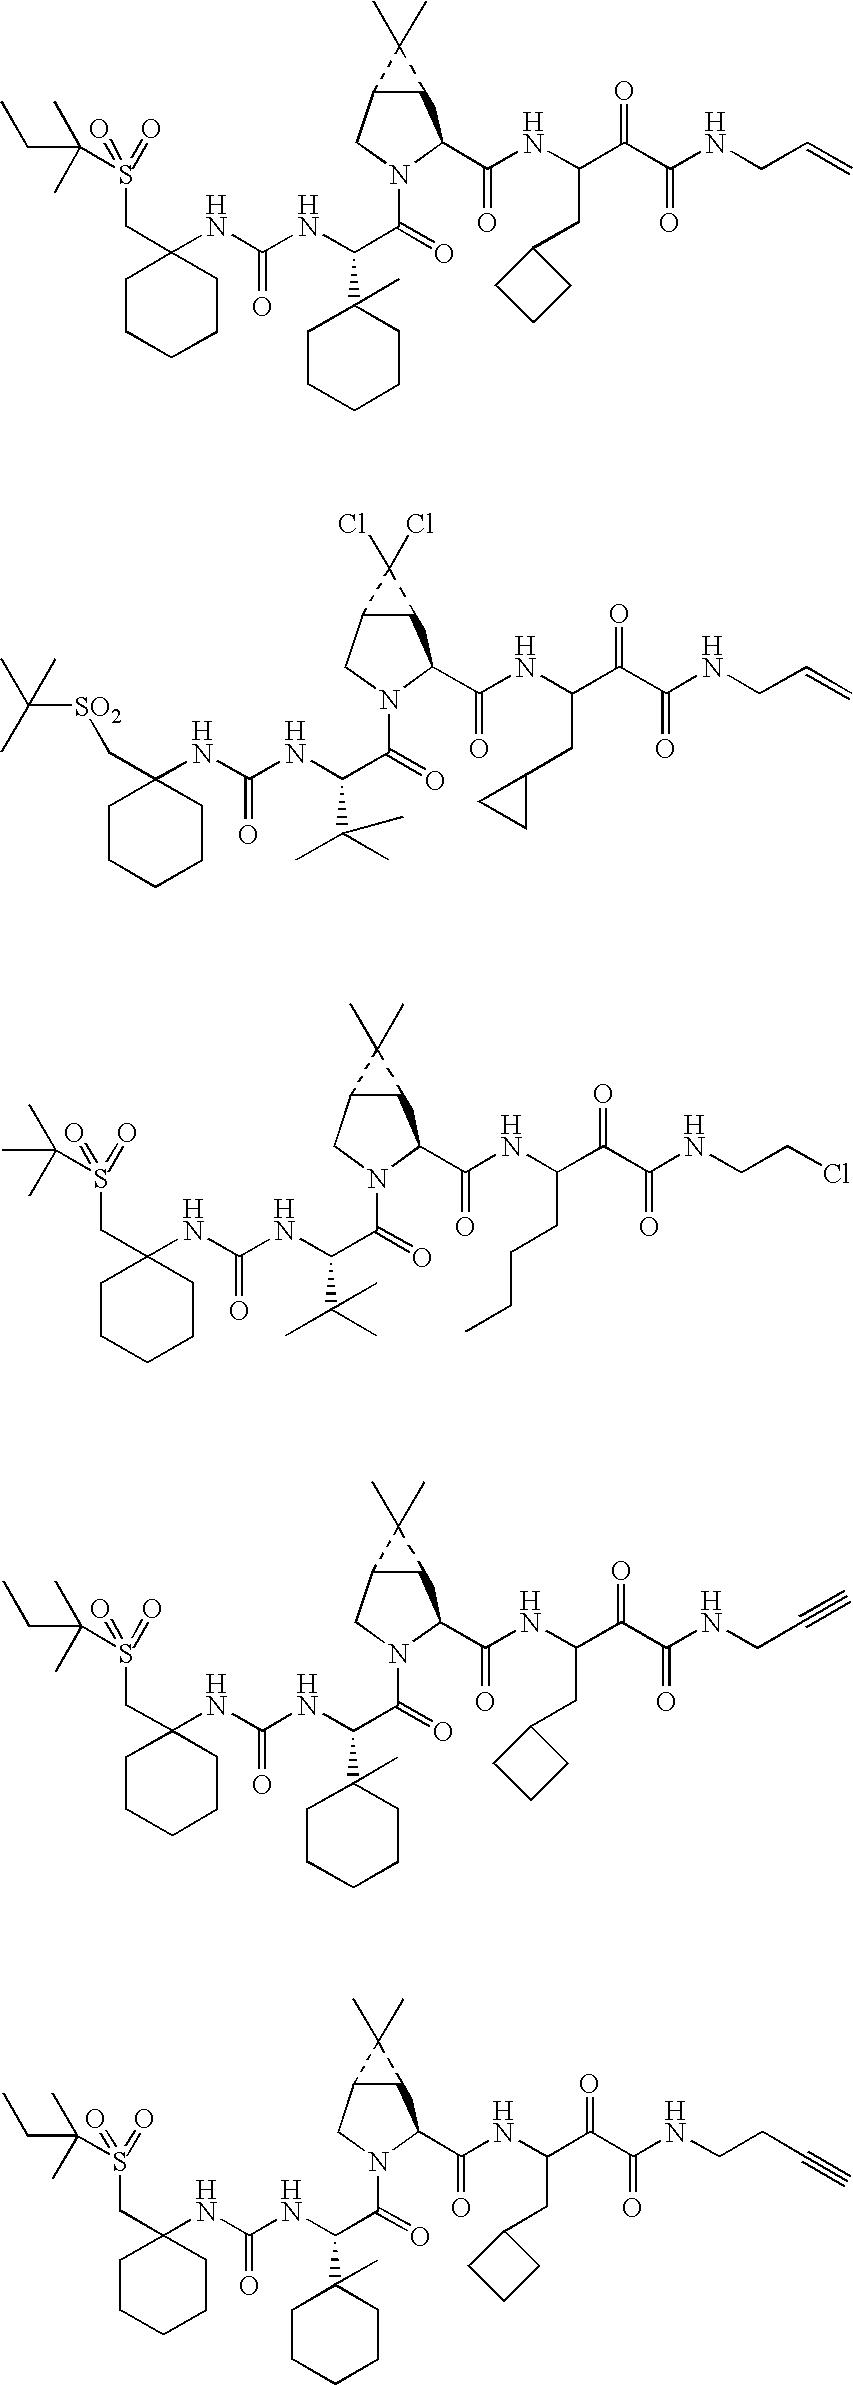 Figure US20060287248A1-20061221-C00472